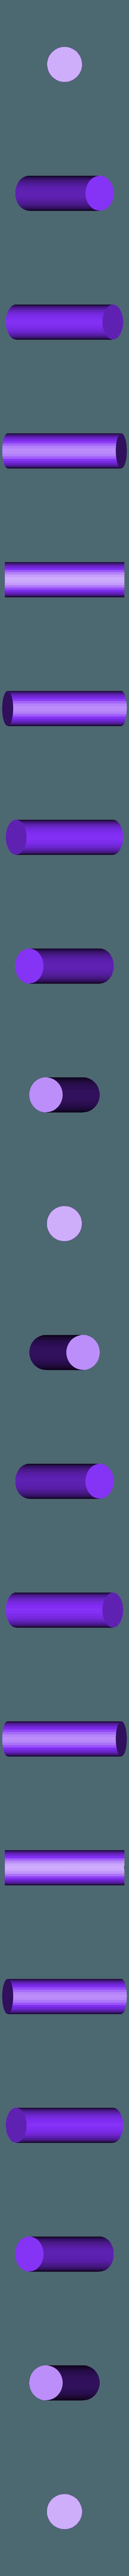 1_Rod.STL Télécharger fichier STL gratuit MACHINES MÉDIÉVALES - Pack d'extension • Plan pour imprimante 3D, Pwentey